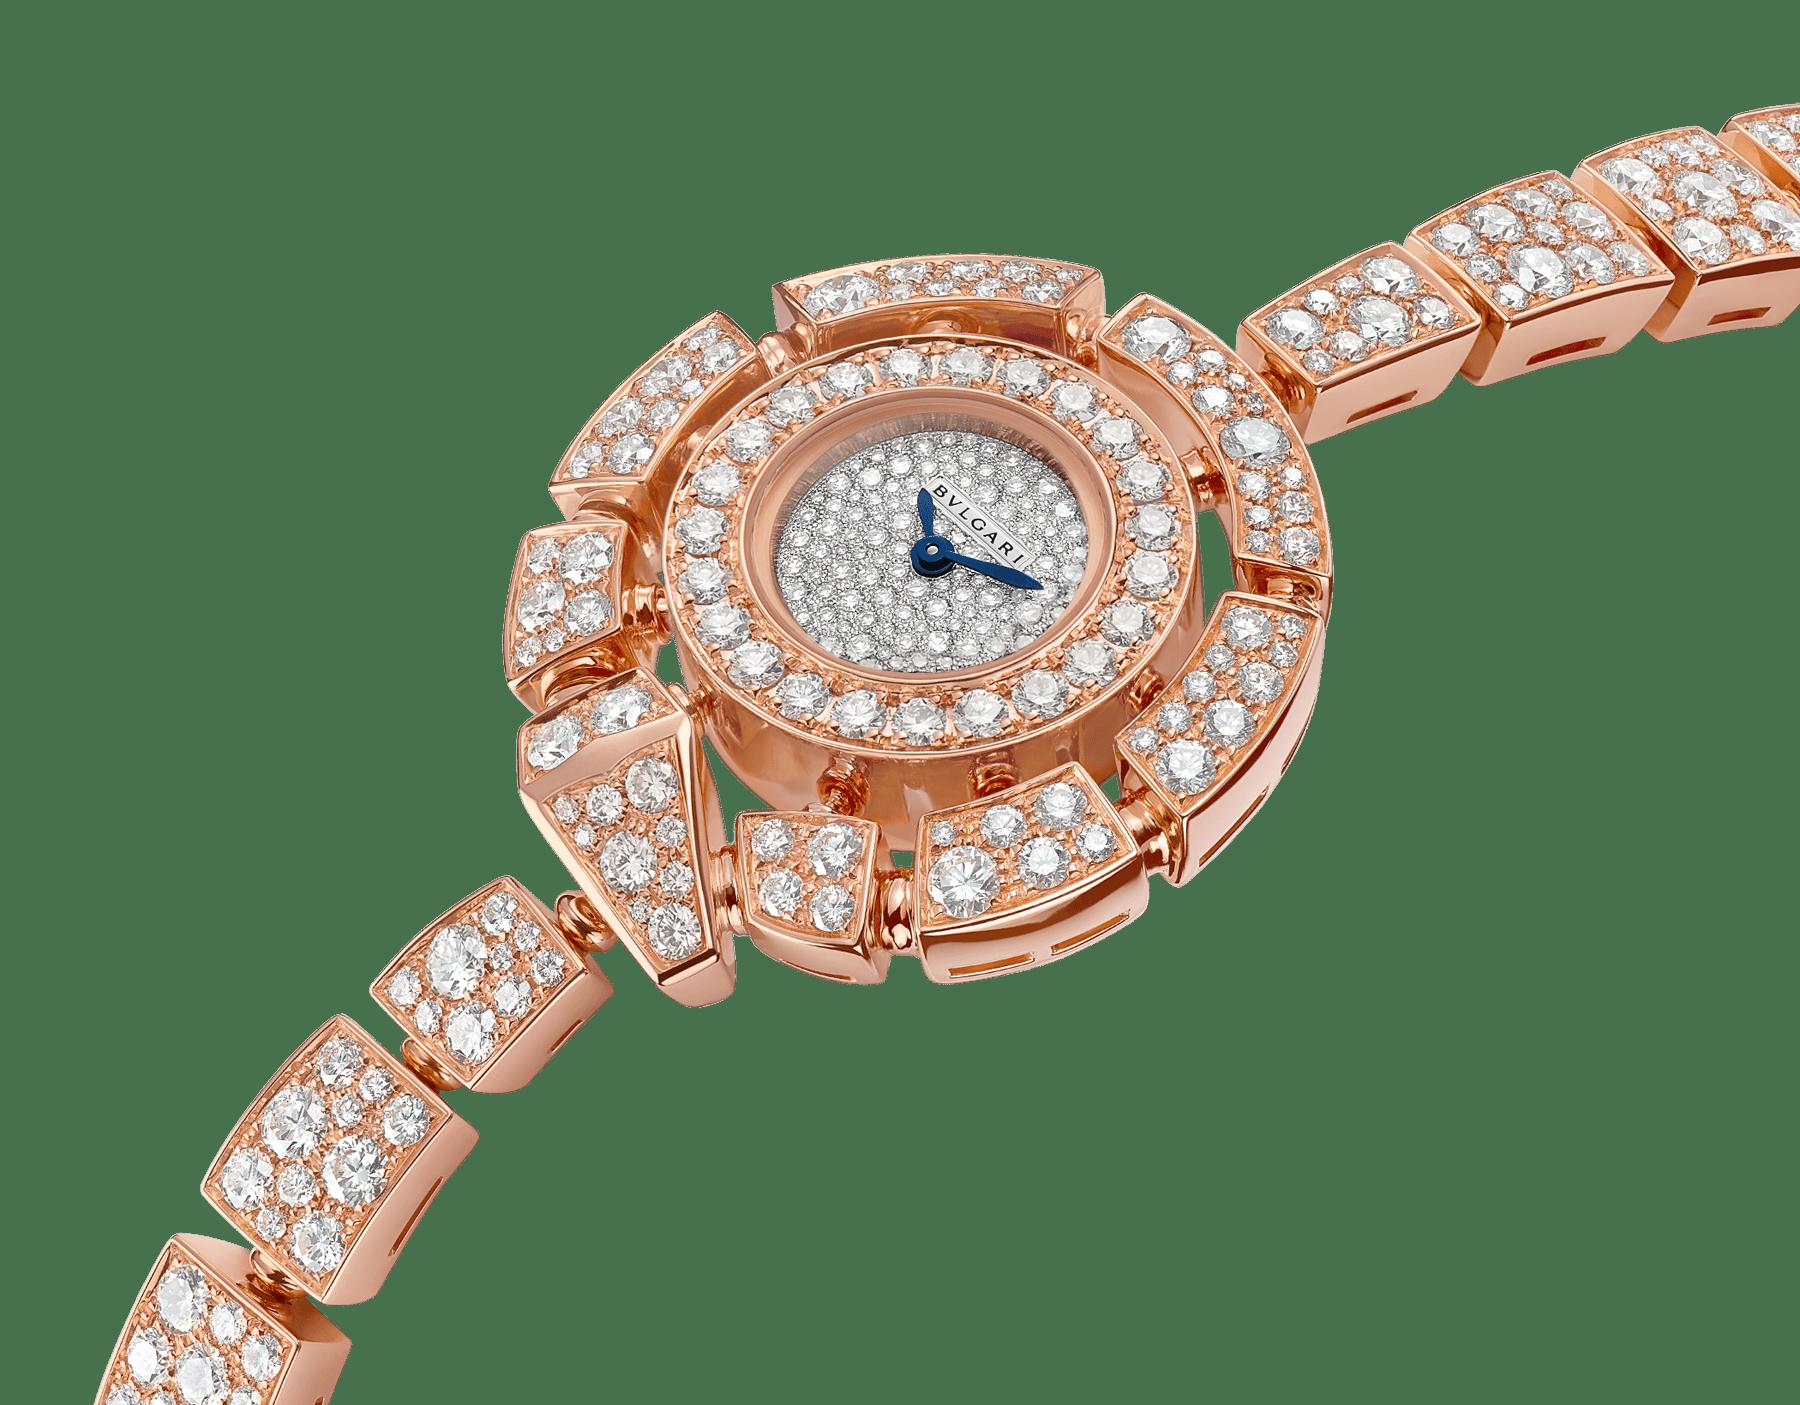 Montre Serpenti Incantati avec boîtier et bracelet en or rose 18K sertis de diamants taille brillant, cadran pavé diamants en serti «neige». 102673 image 2